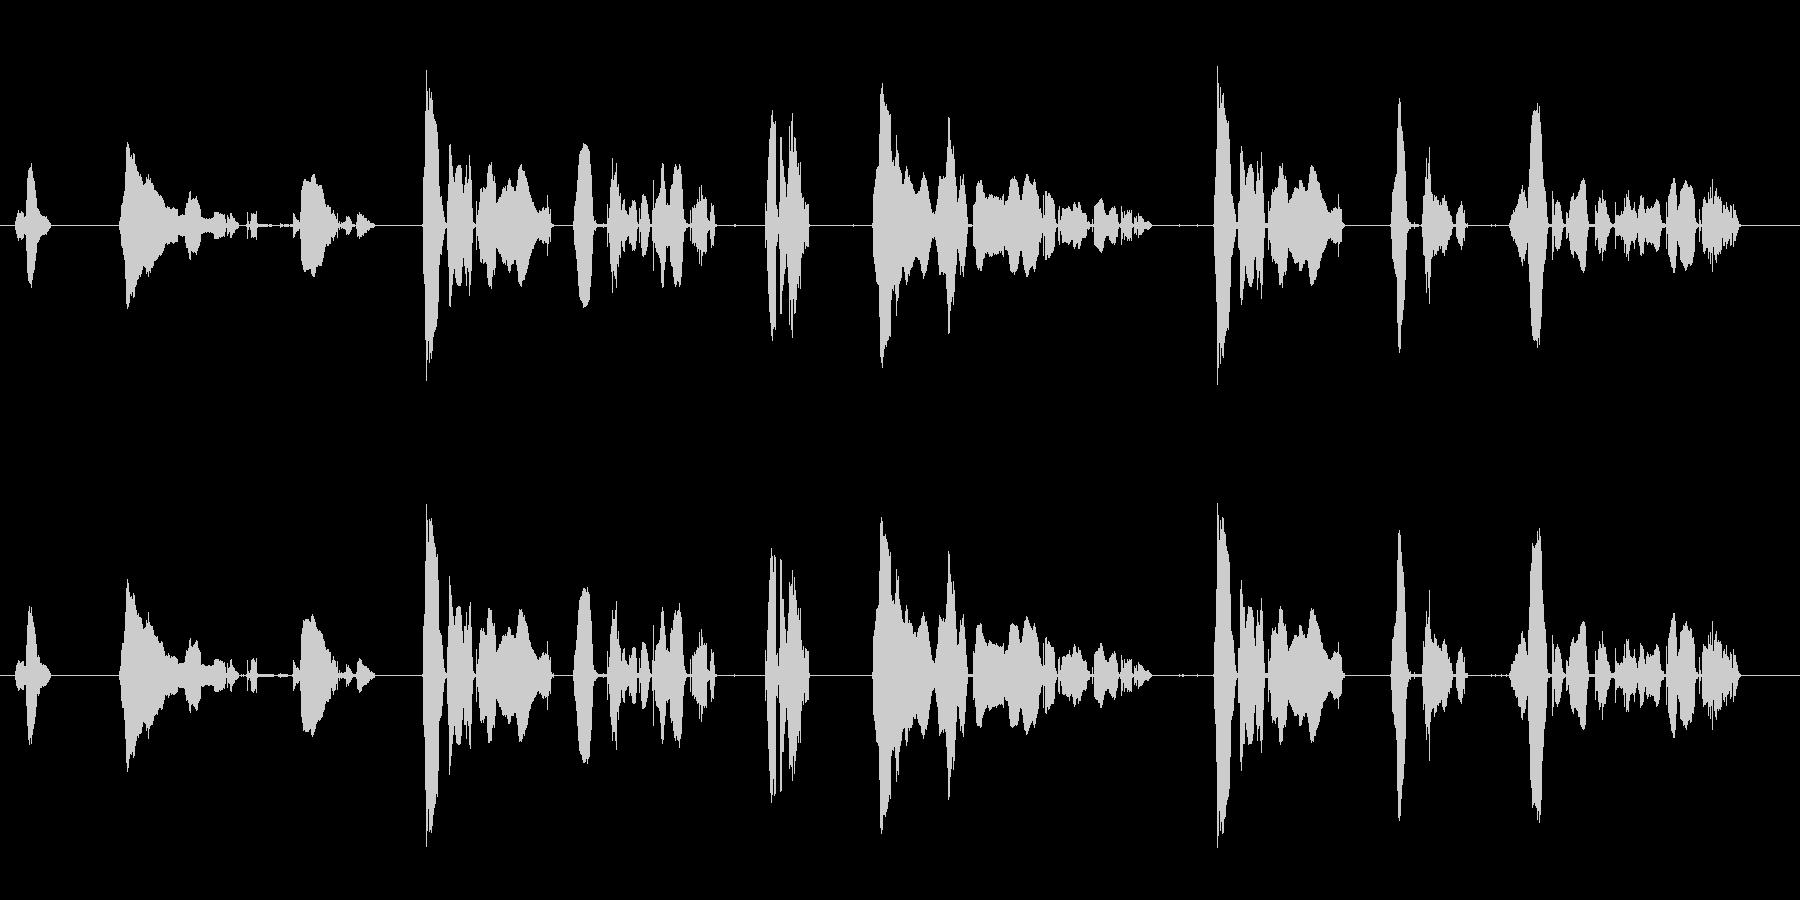 魔人系のセリフ1.2.3をまとめてあり…の未再生の波形